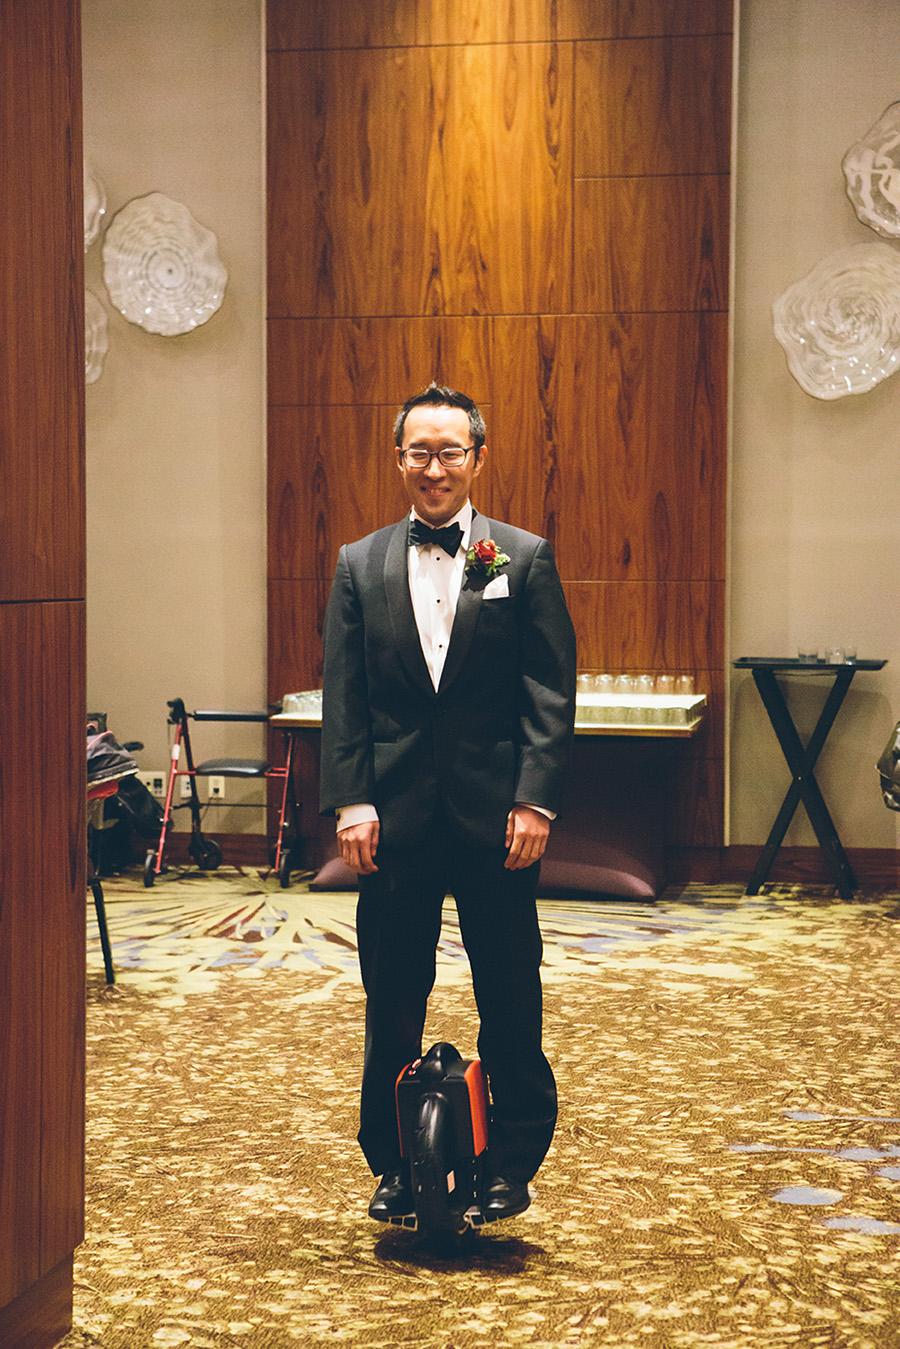 KAT-WILL-NYC-WEDDING-MANHATTAN-CYNTHIACHUNG-0052.jpg